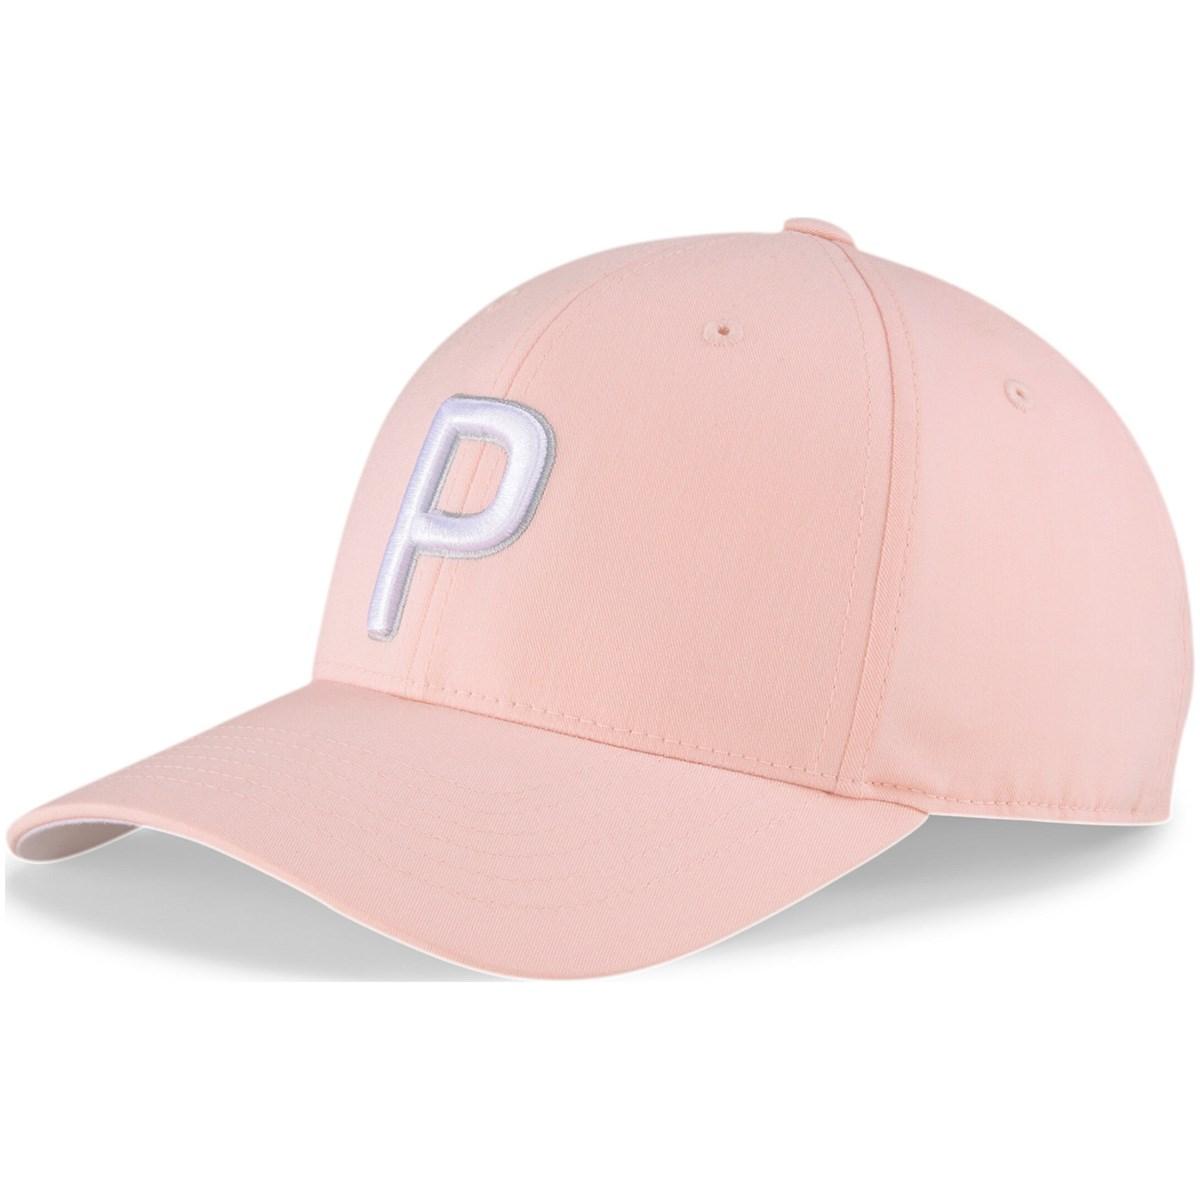 プーマ PUMA ウィメンズ P アジャスタブル キャップ フリー クラウド ピンク 05 レディス